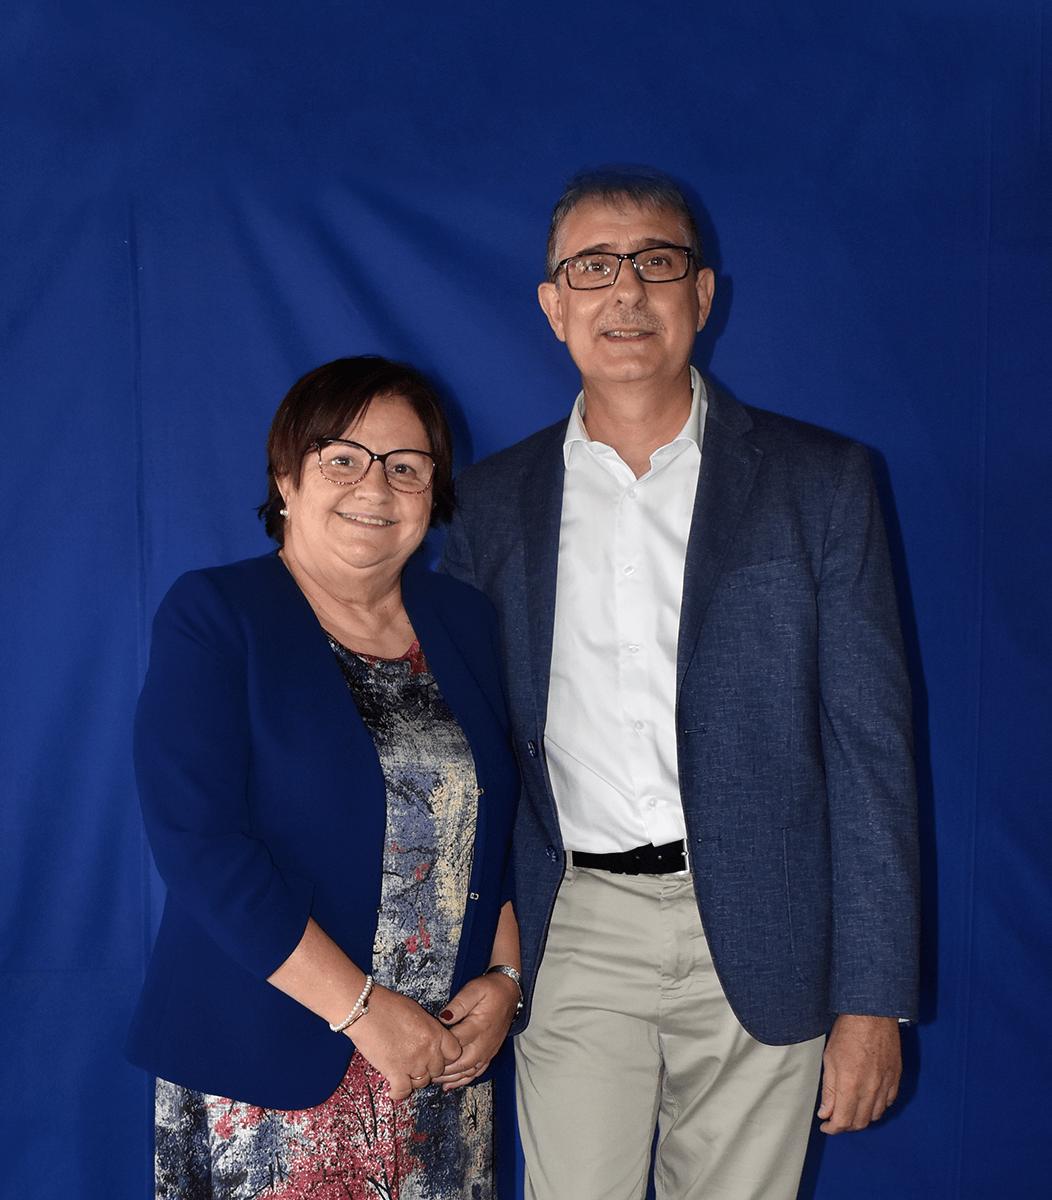 Antonio Abellán y Elvira Arias | Centro de Vida Cristiana